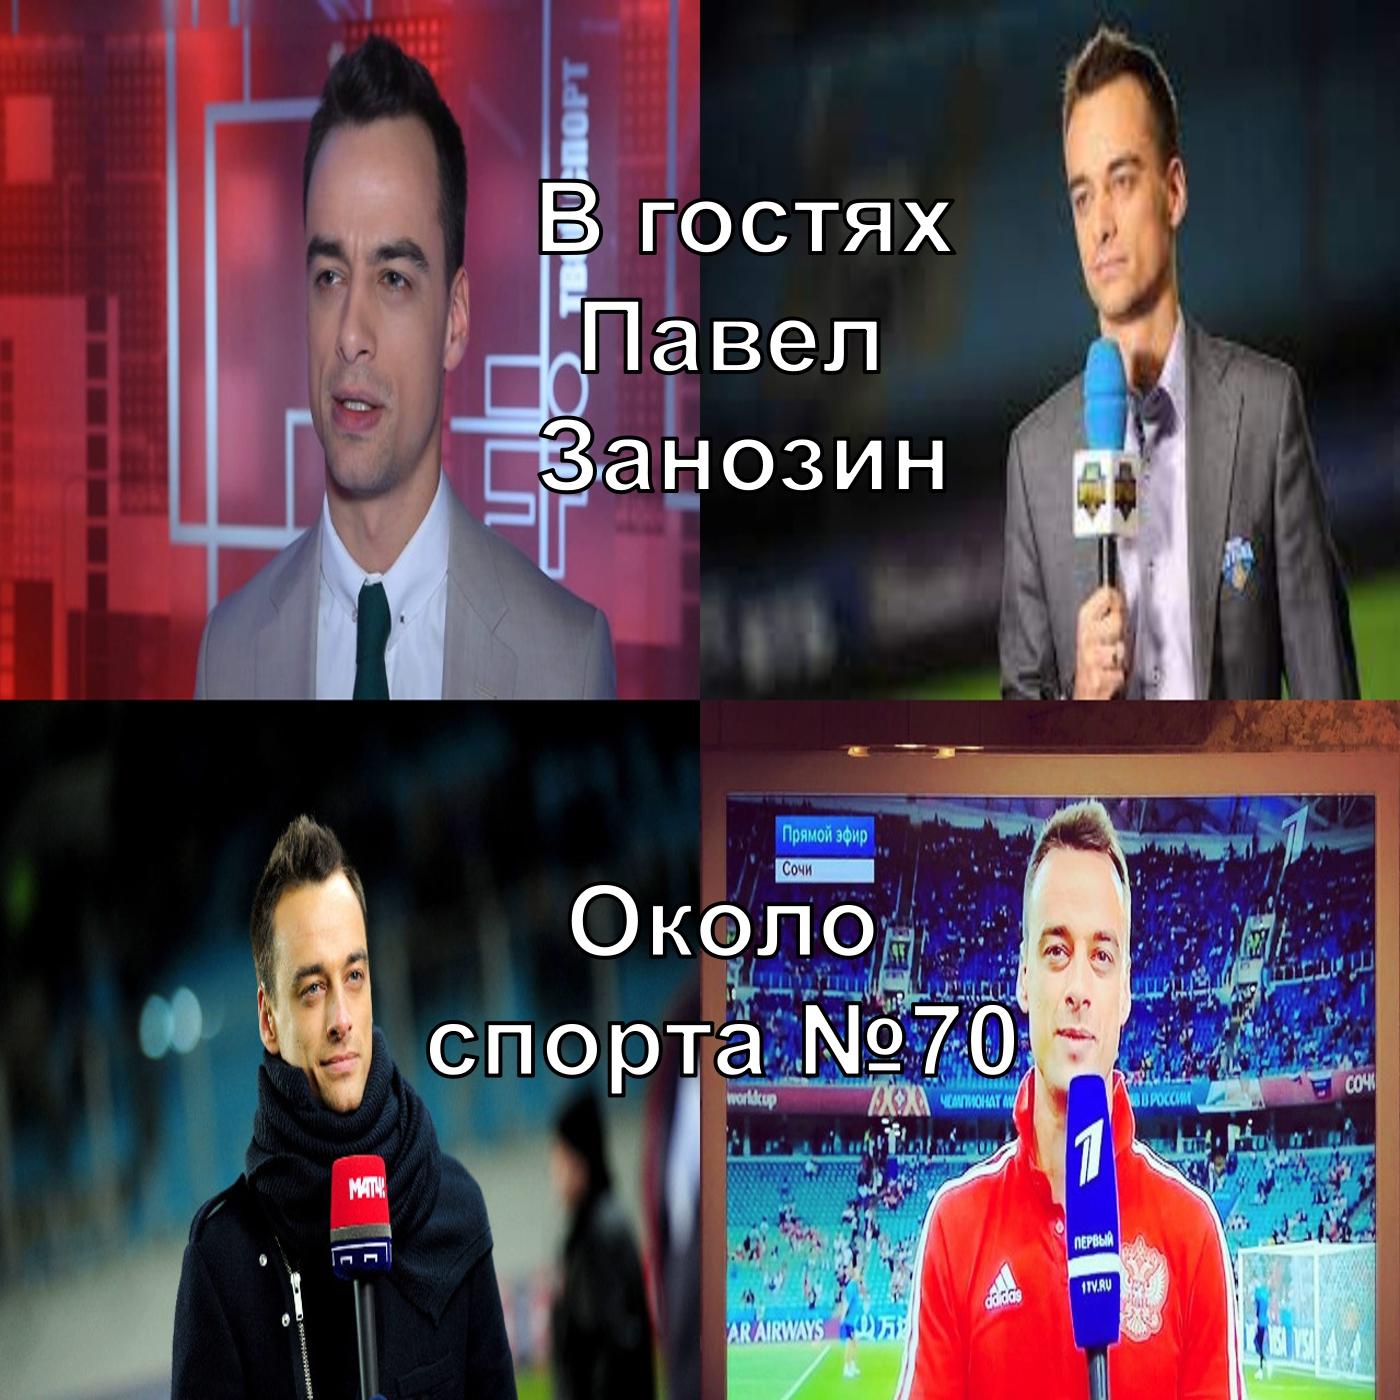 Павел Занозин - Около Спорта